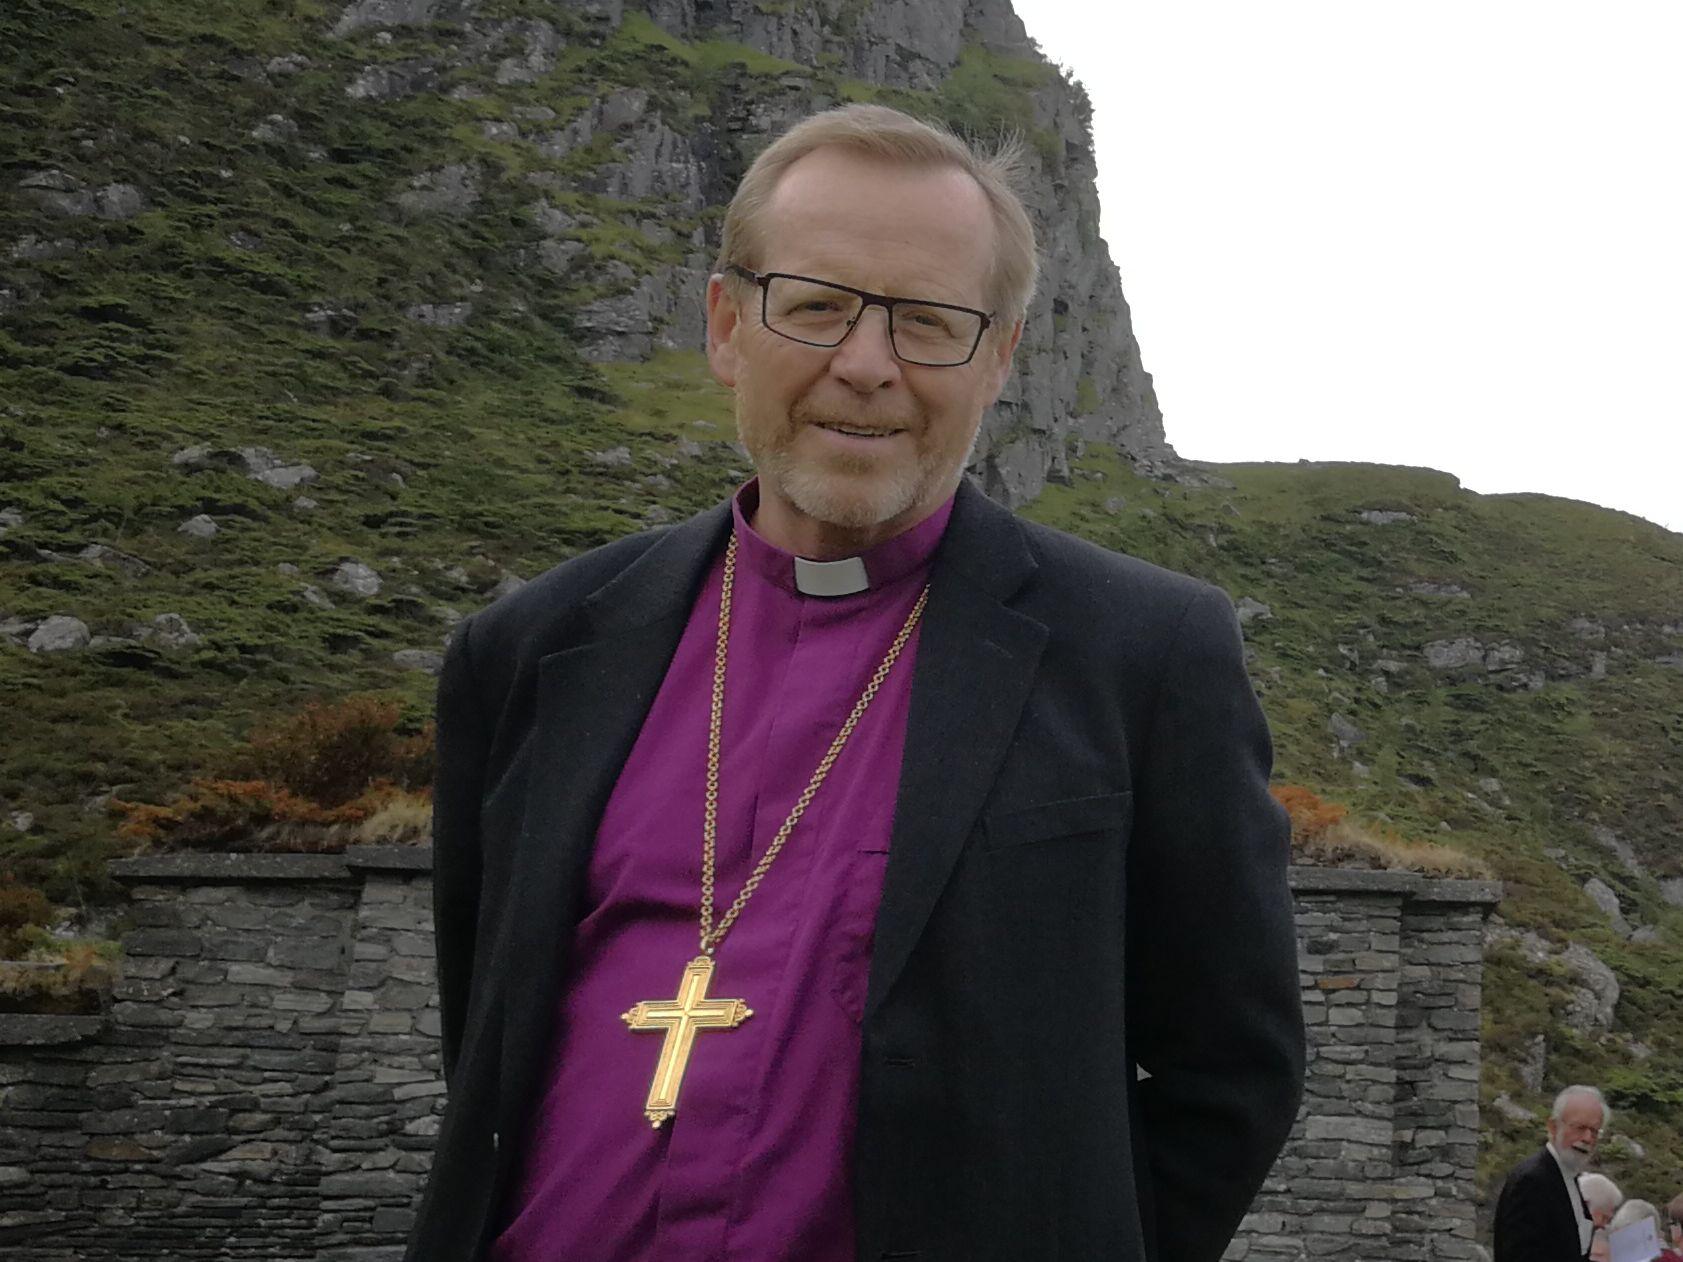 IKKE KIRKENS FORTJENESTE: Mye i samfunnet er forandret til det bedre, men skyldes dette kirken? Her snur biskop Nordhaug utviklingen på hodet, skriv innsendaren.